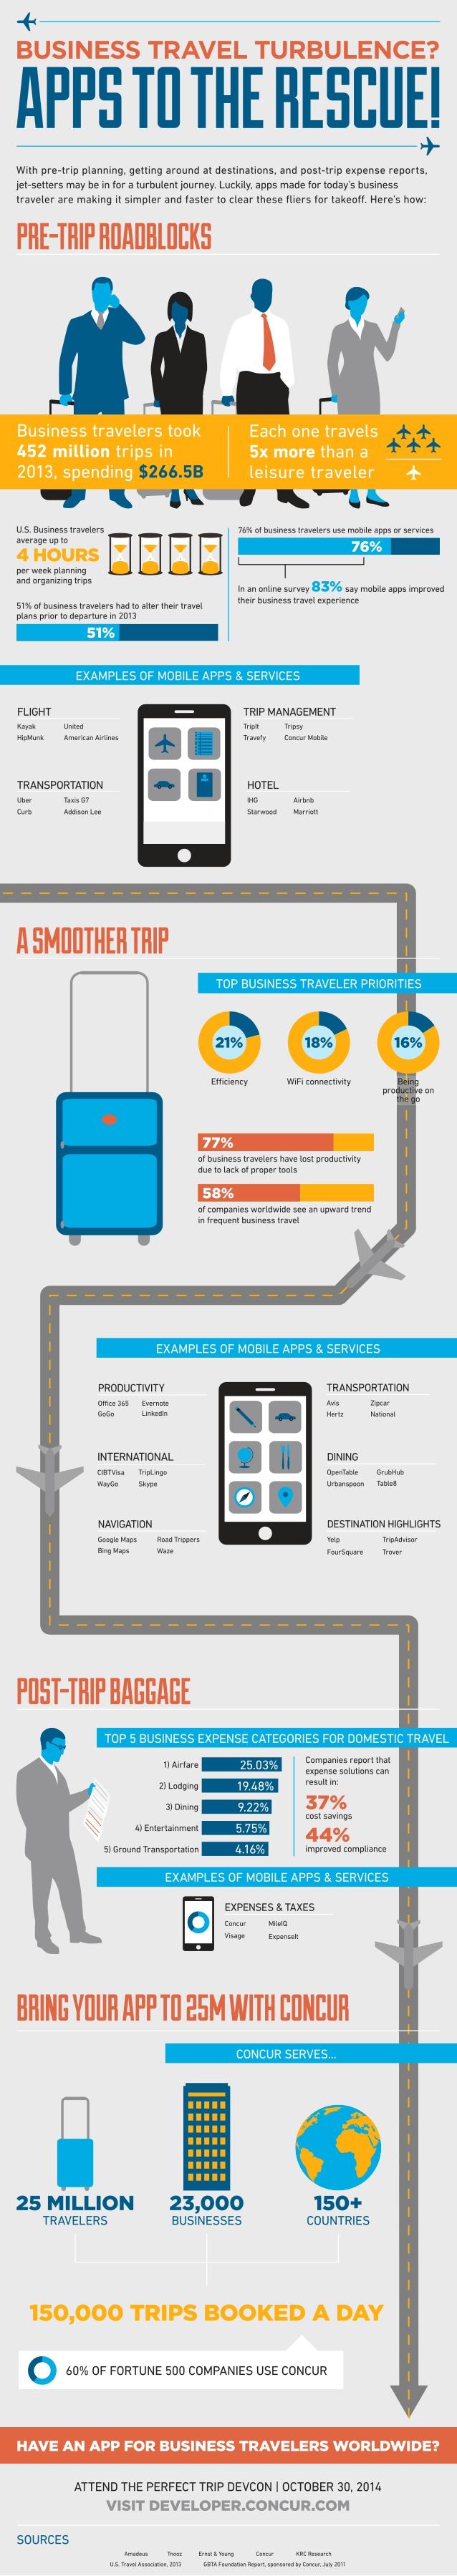 Las APPS te ayudan en los viajes de negocios